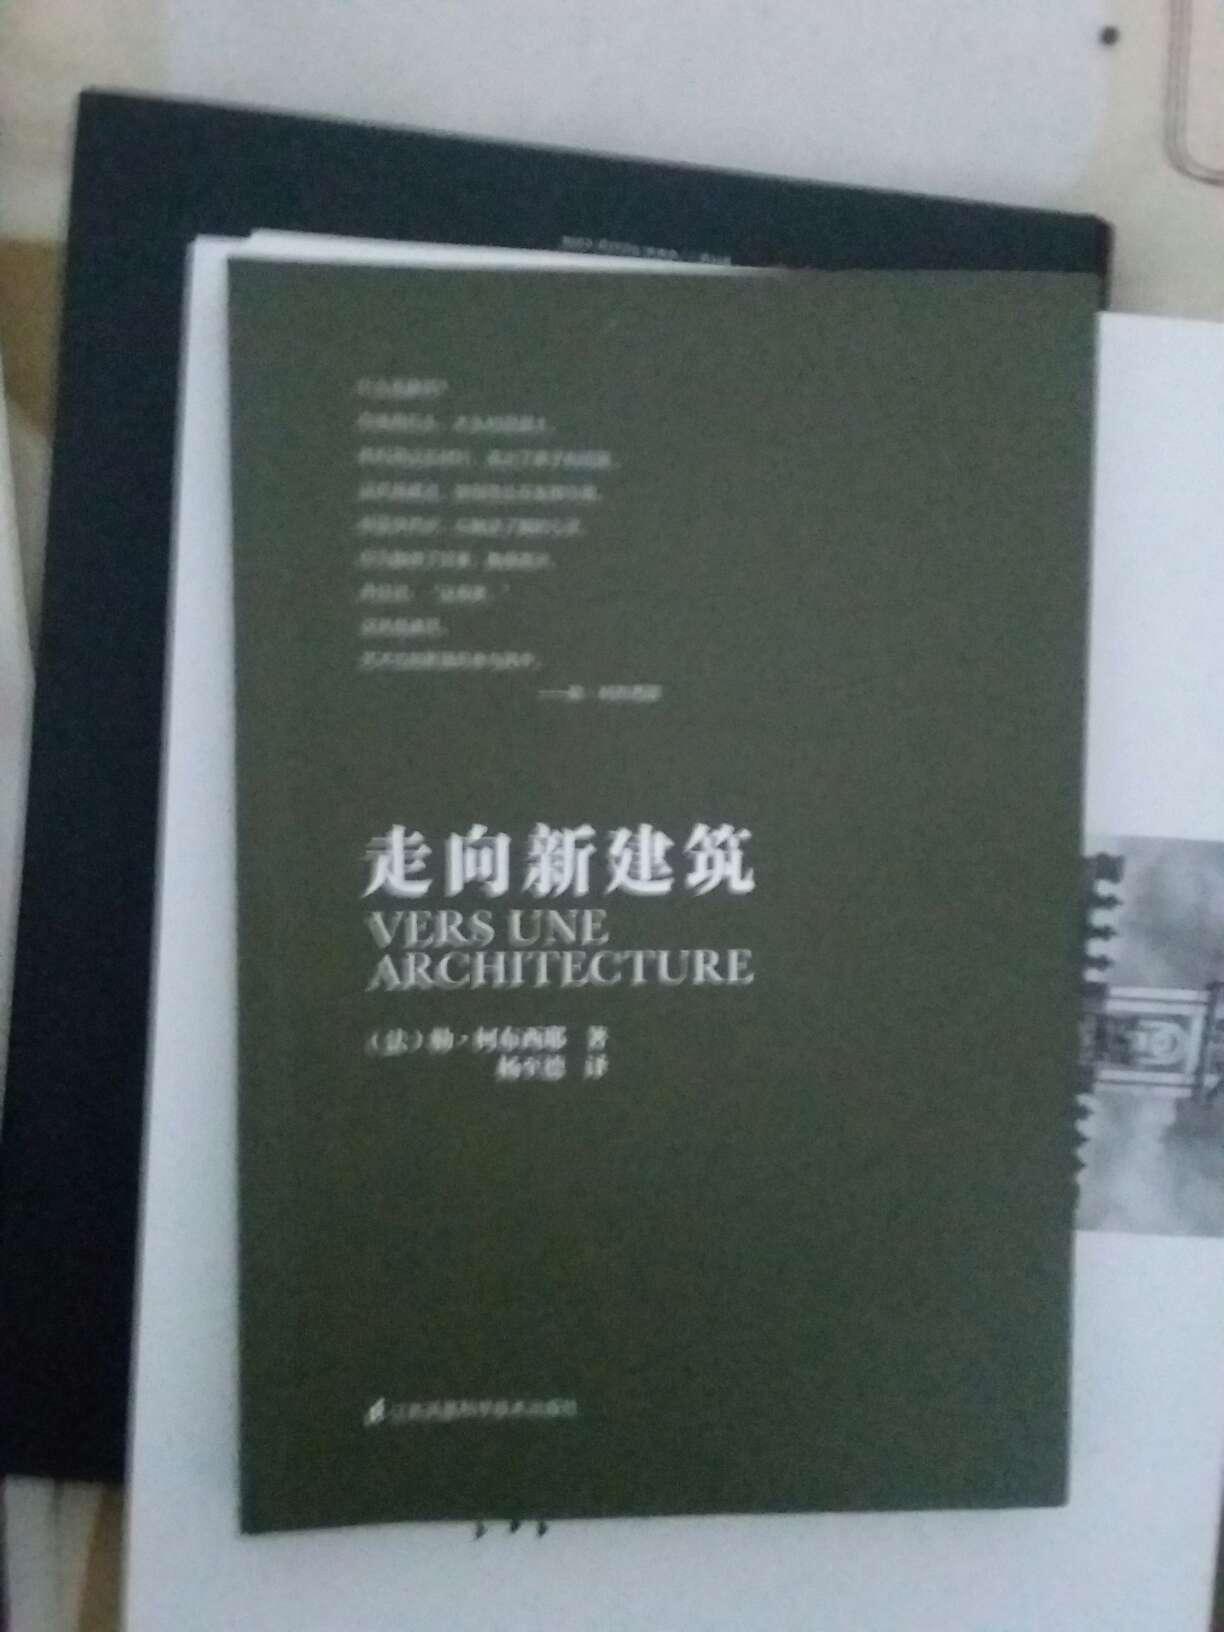 走向新建筑(柯布西耶经典之作,全世界建筑专业人士人手一册!)凤凰空间设计经典译丛-建筑学